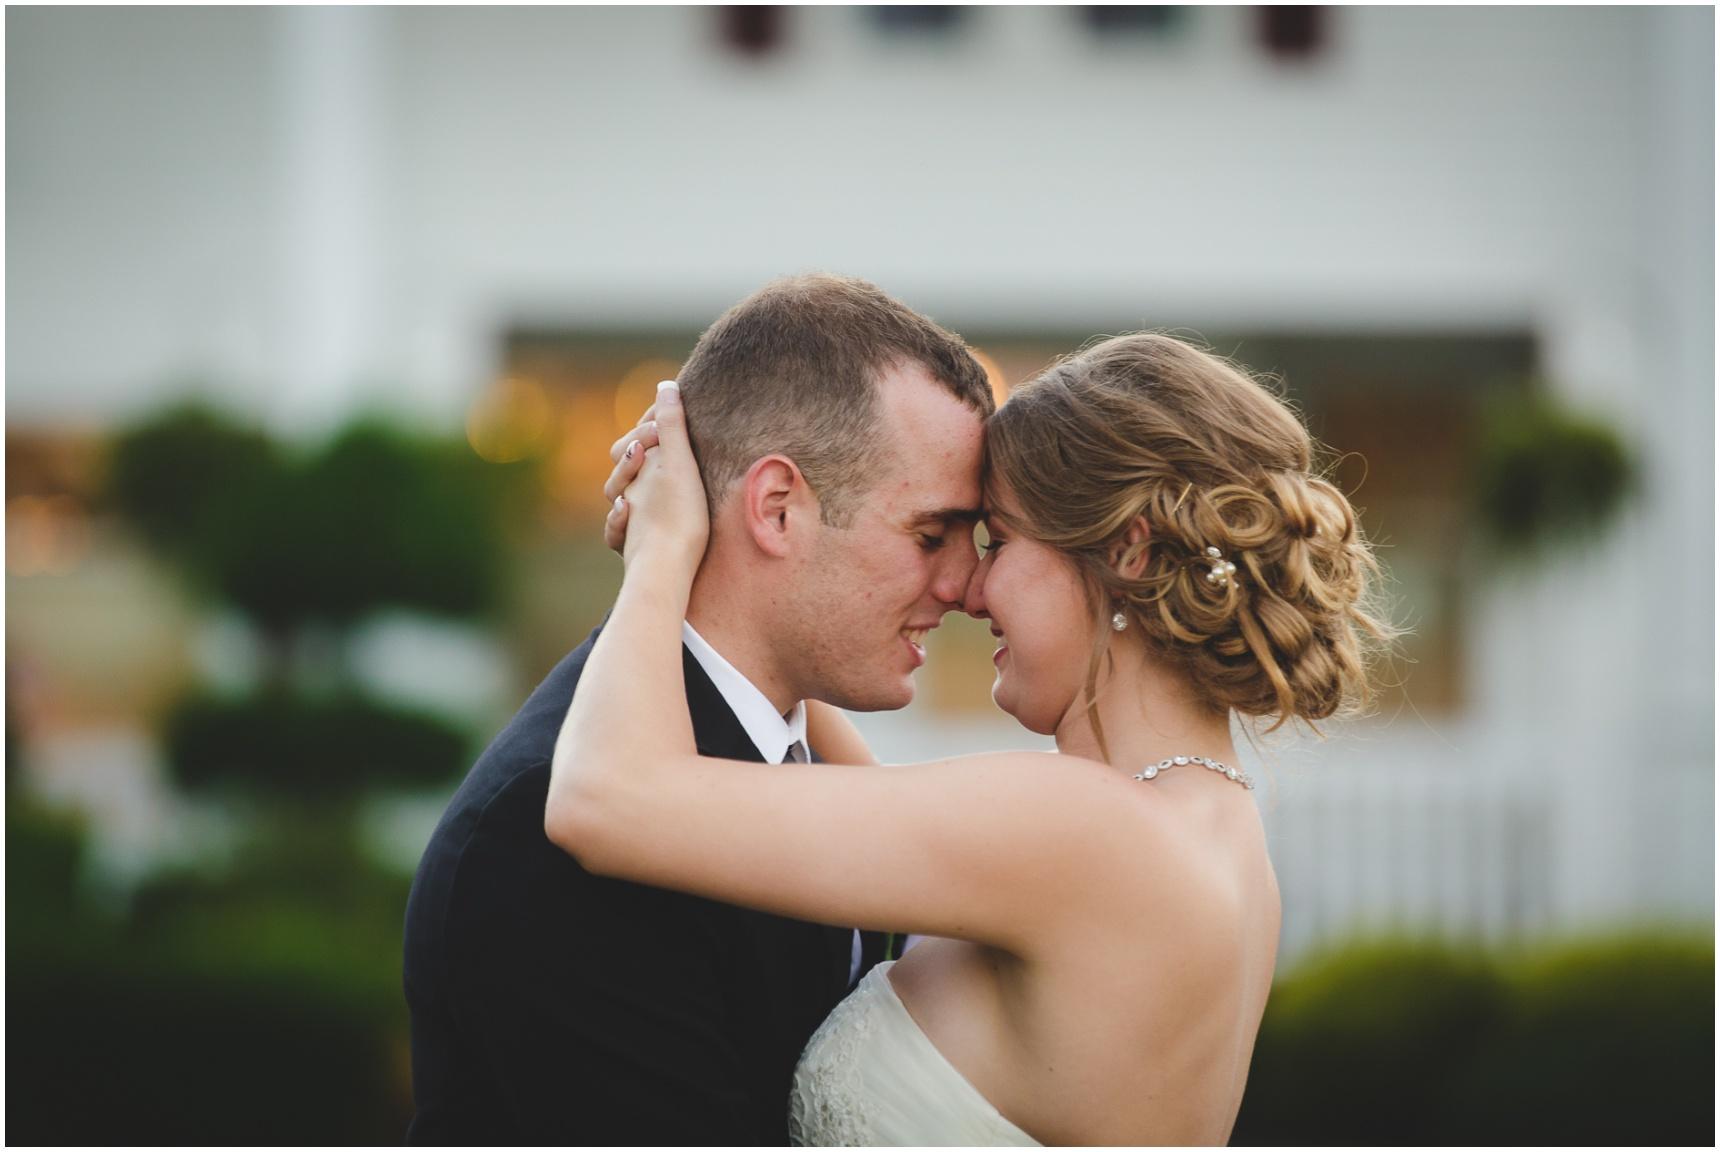 Buffalo-Avanti-Wedding-Photographer_065.jpg